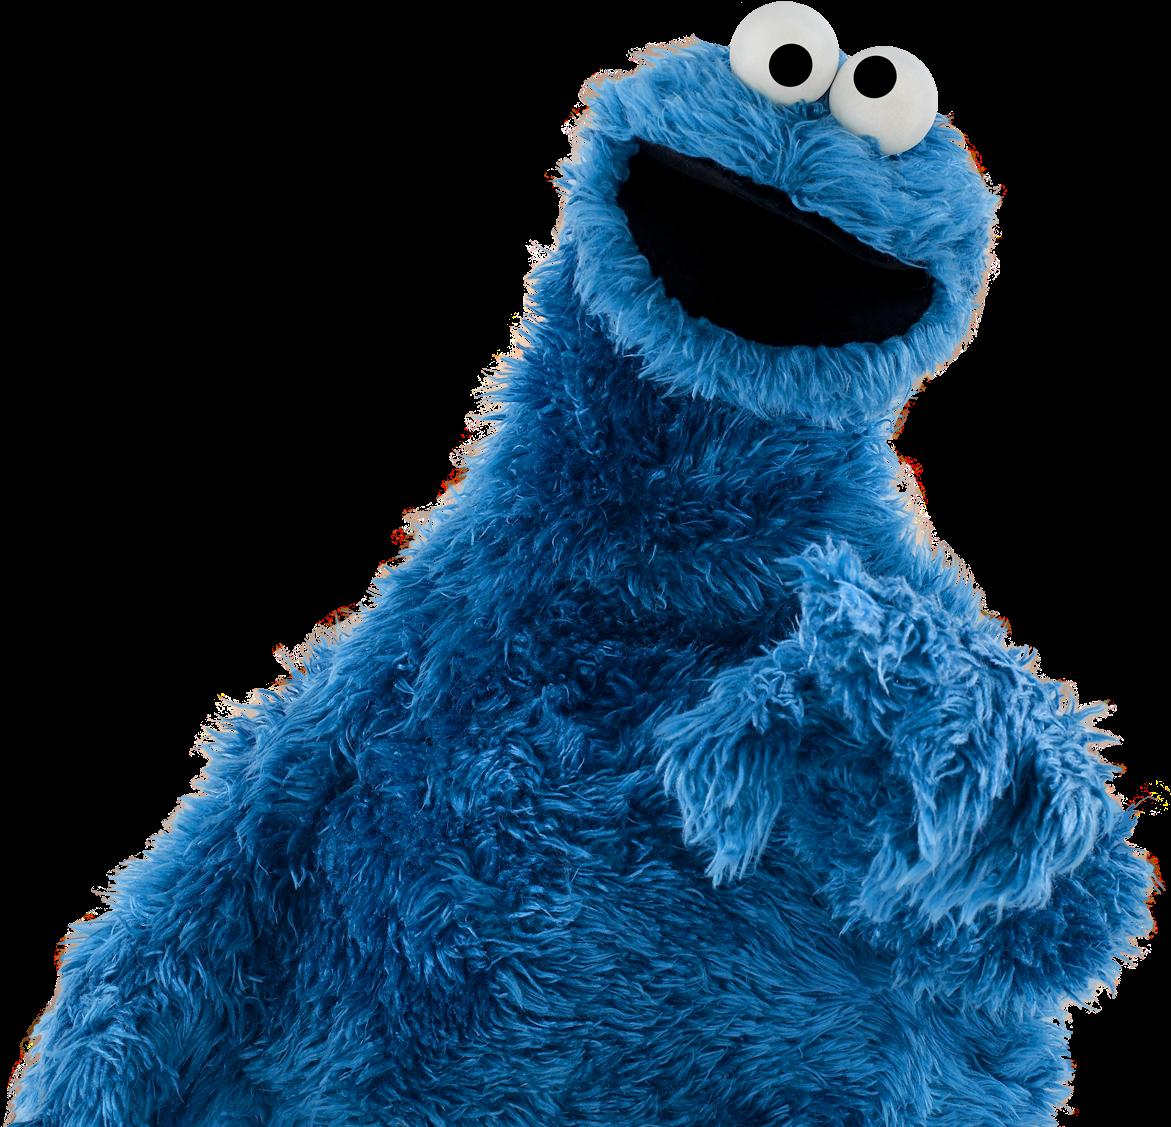 Download 11af3-cookiepointing - Sesame Street Cookie ...